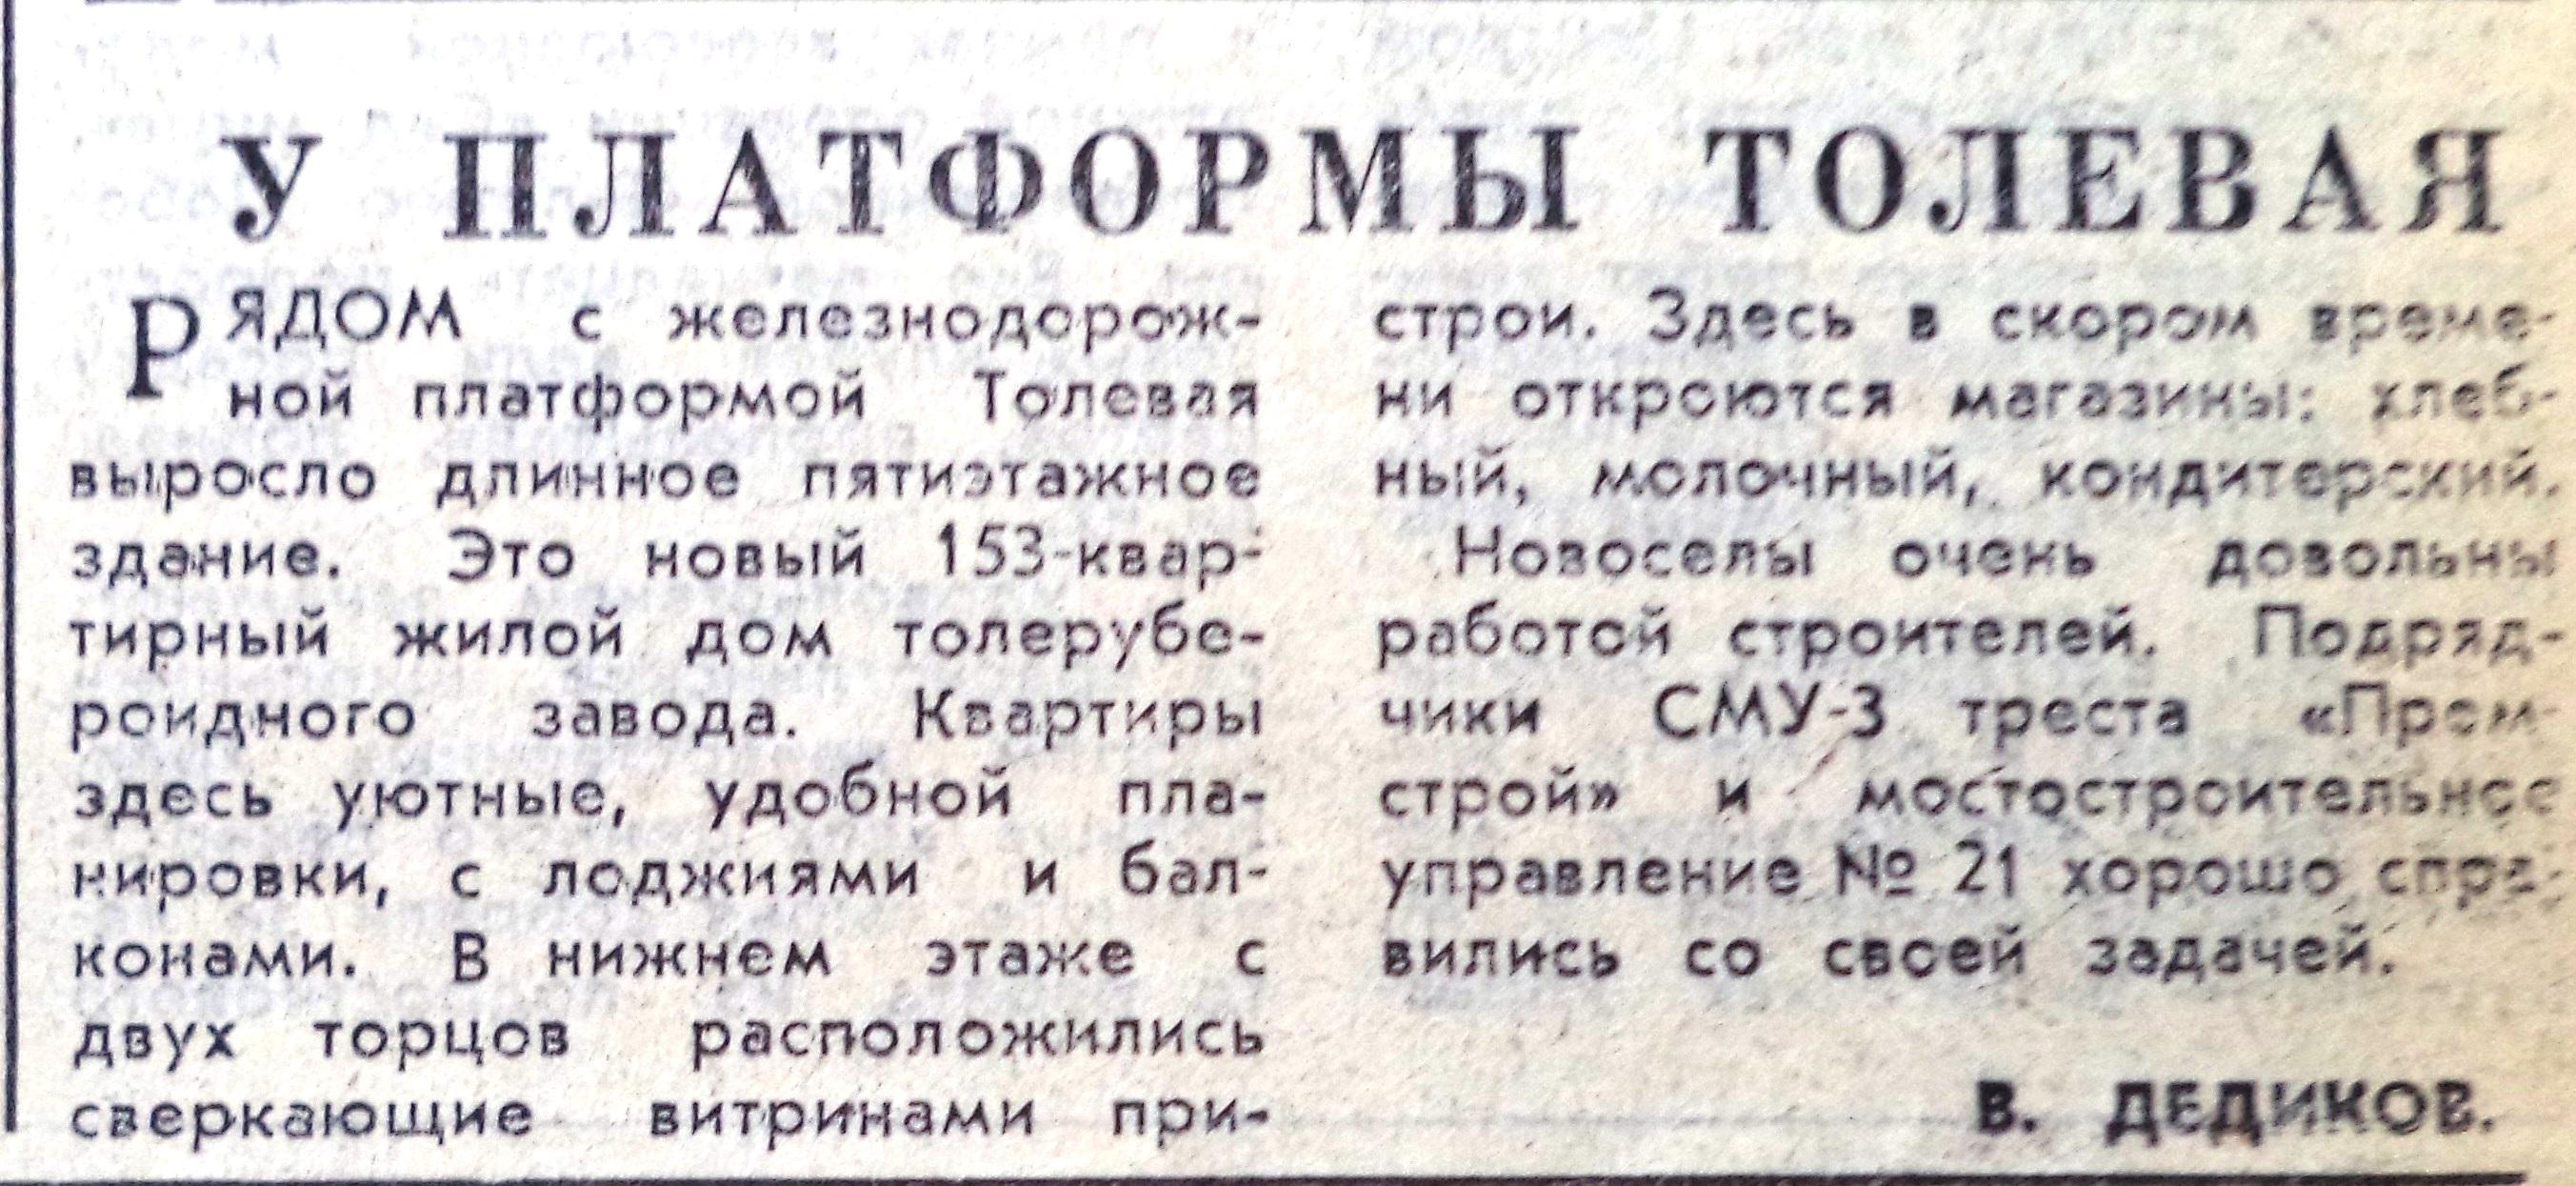 Гродненская-ФОТО-03-ВЗя-1984-09-18-новый дом в Толевом